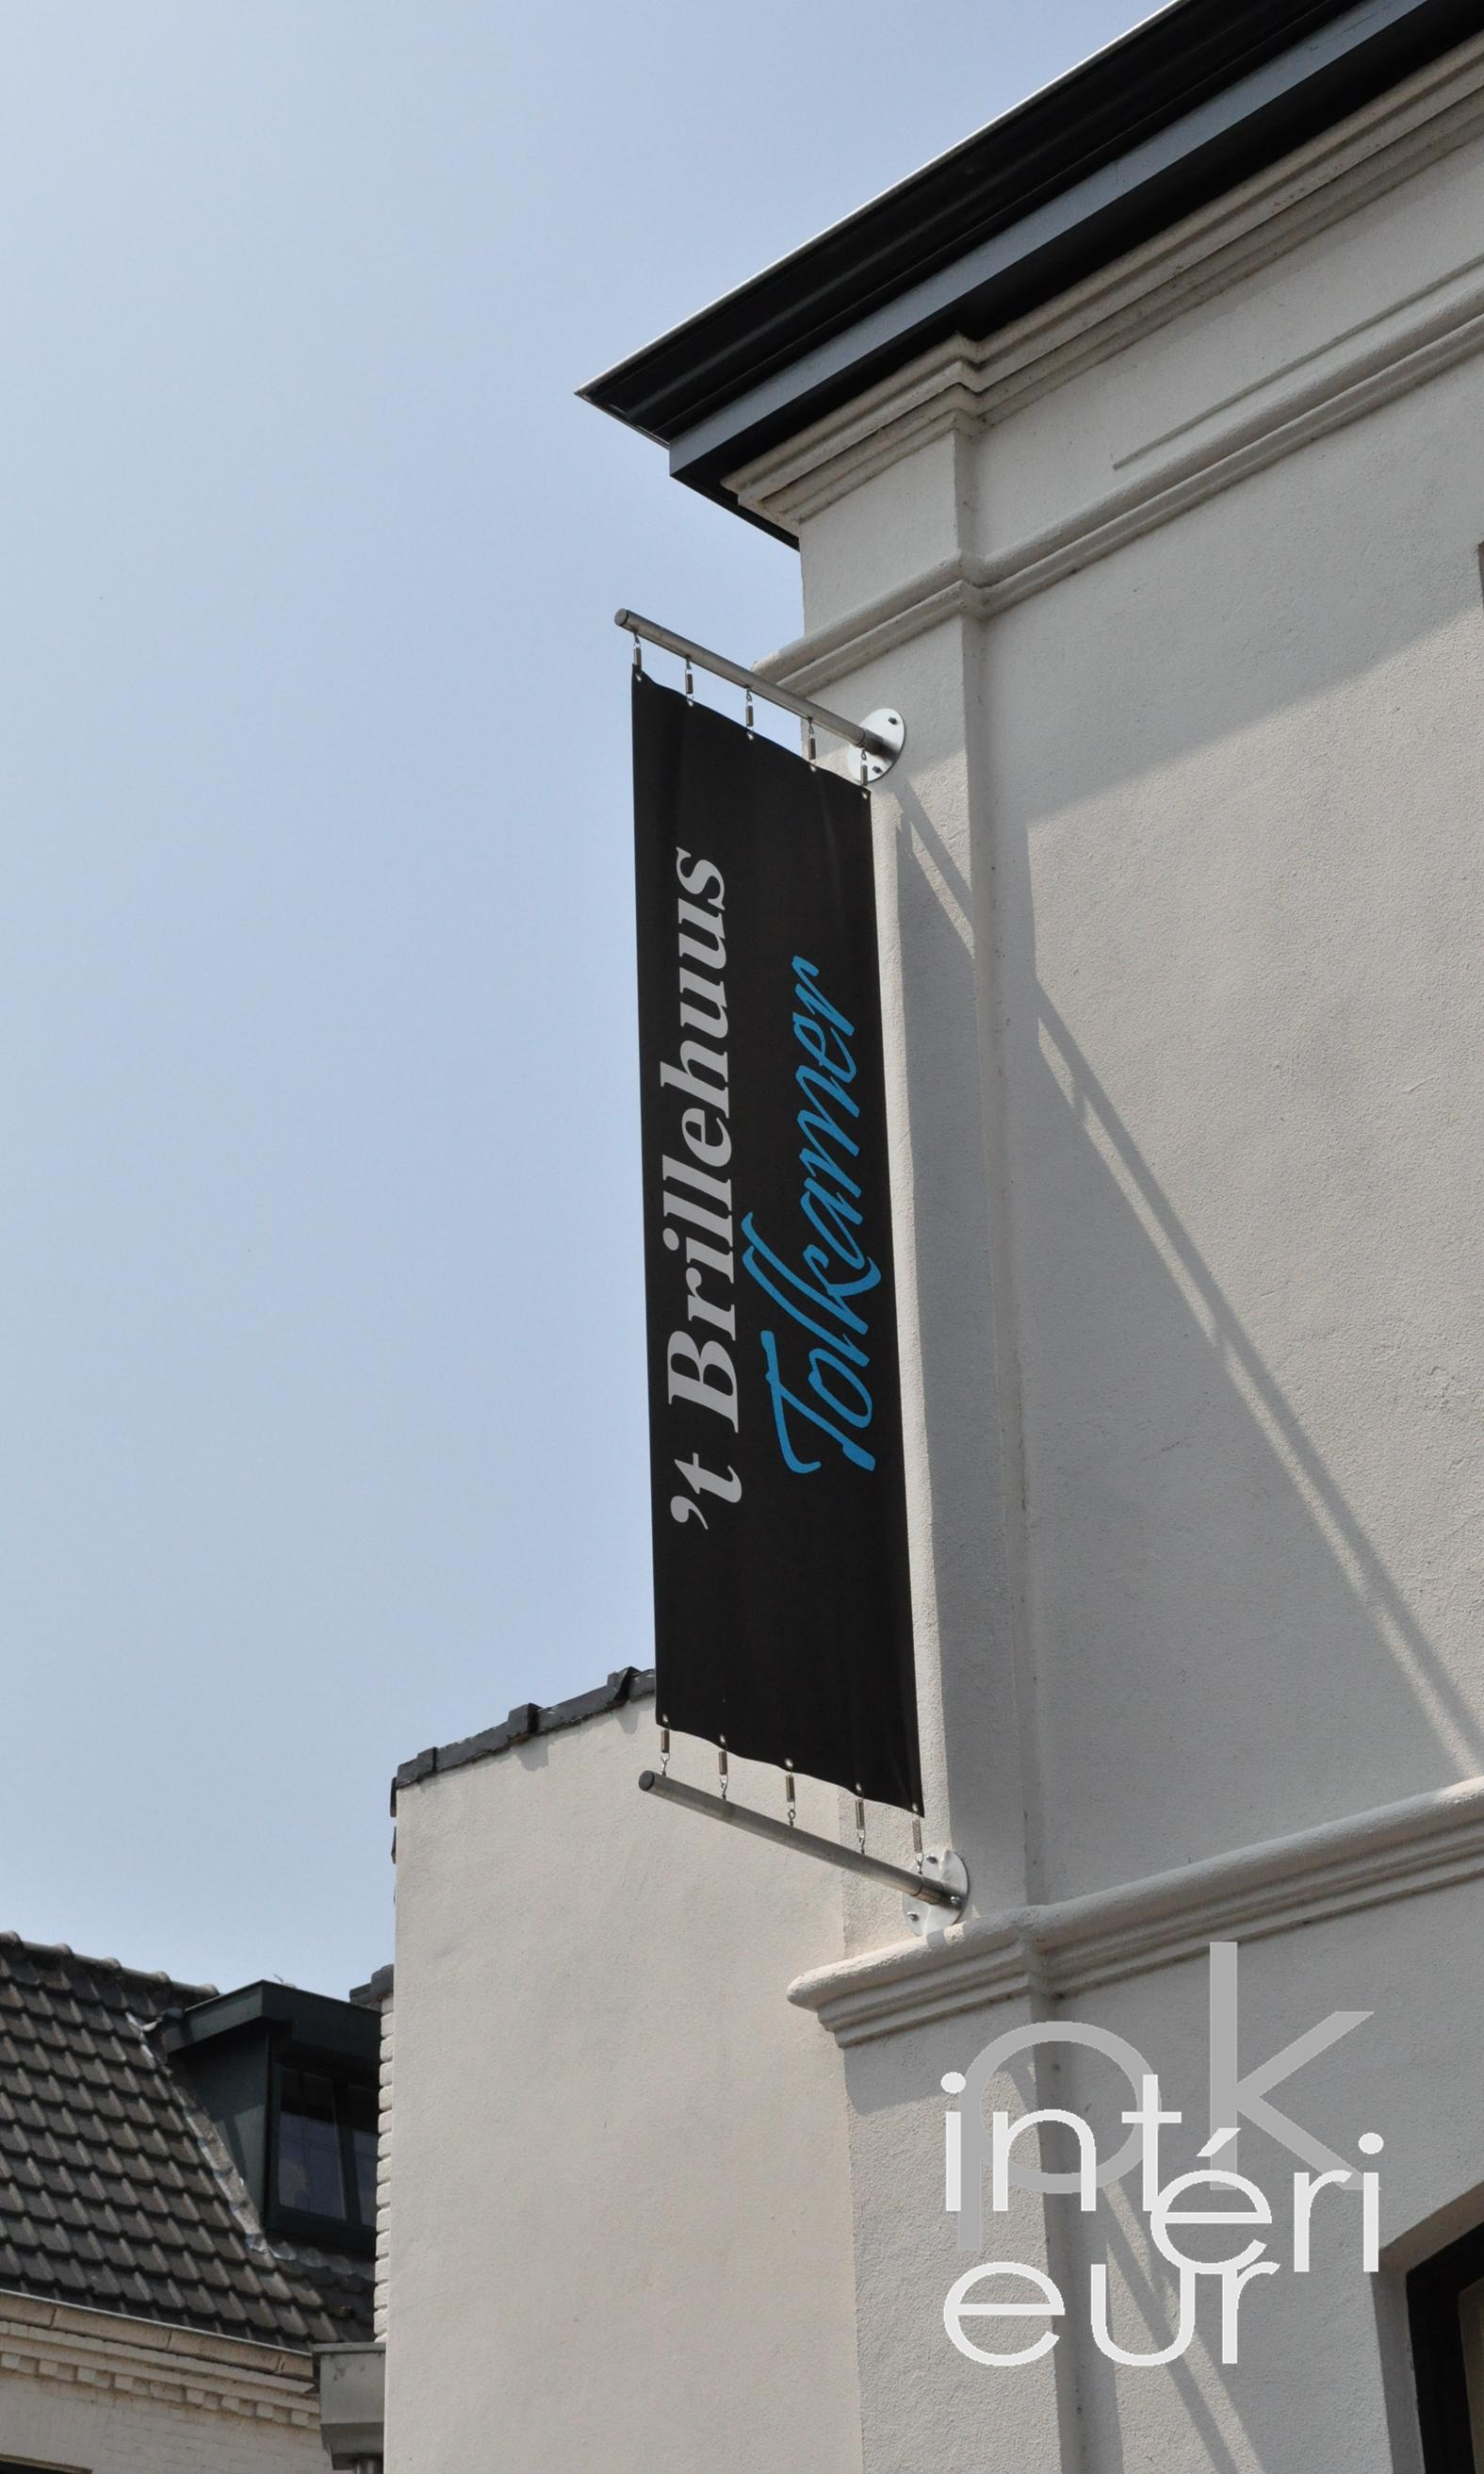 Slaapkamer Meubels Nijmegen: Luvern.com slaapkamer ikea ontwerpen ...